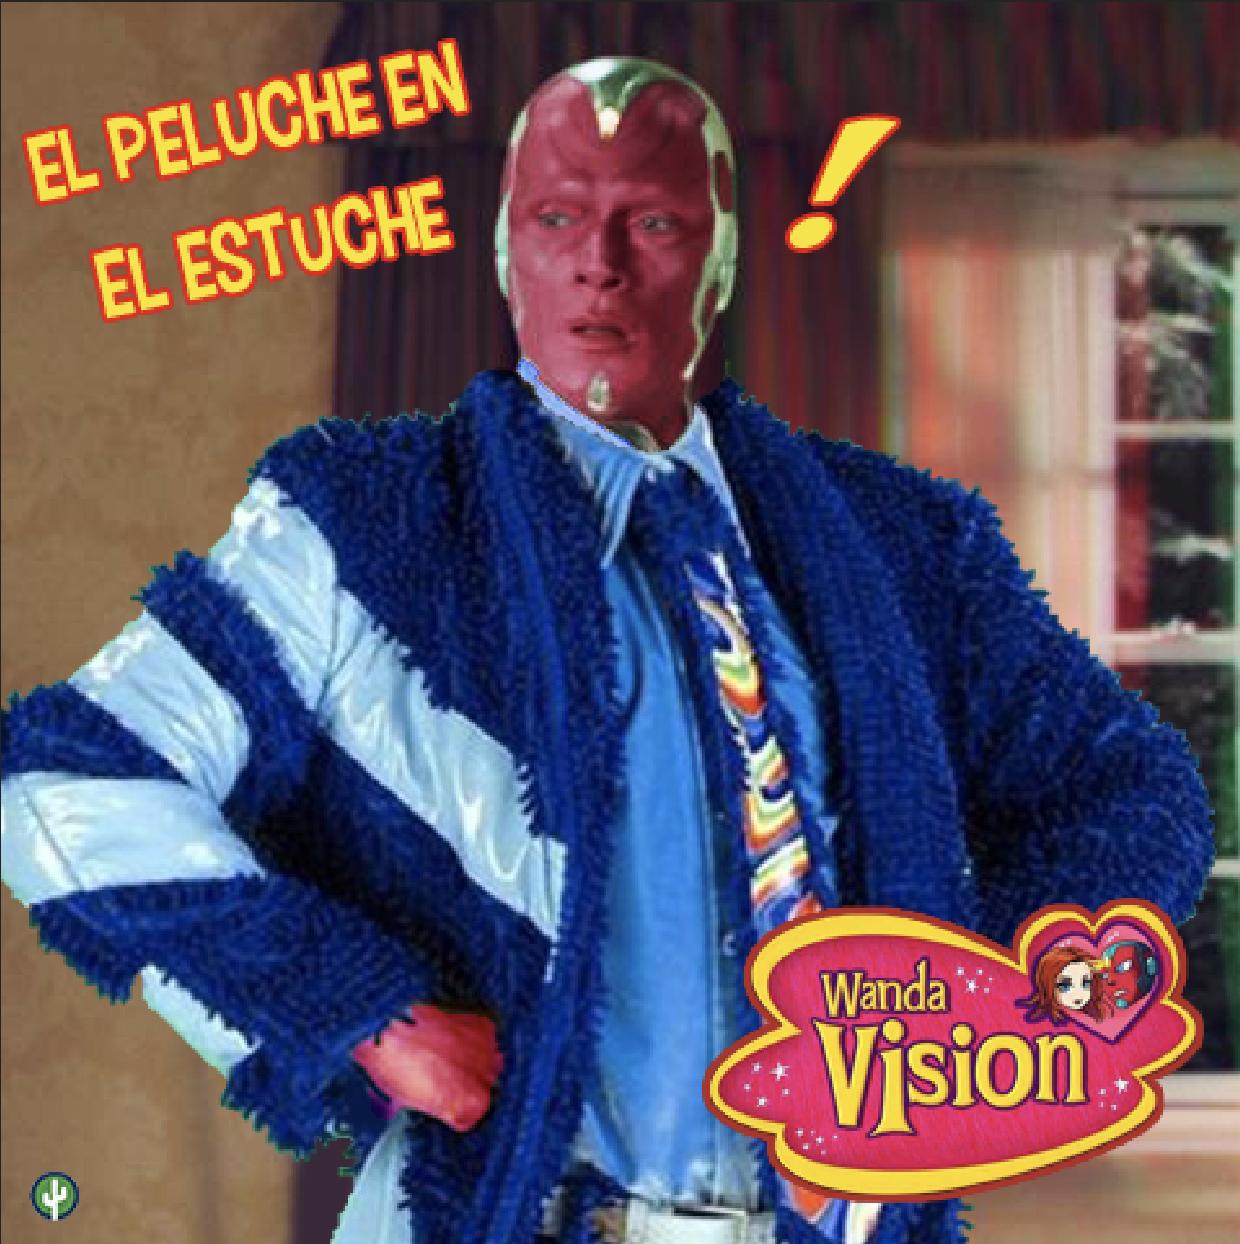 Wandavision Vision Familia Peluche Meme